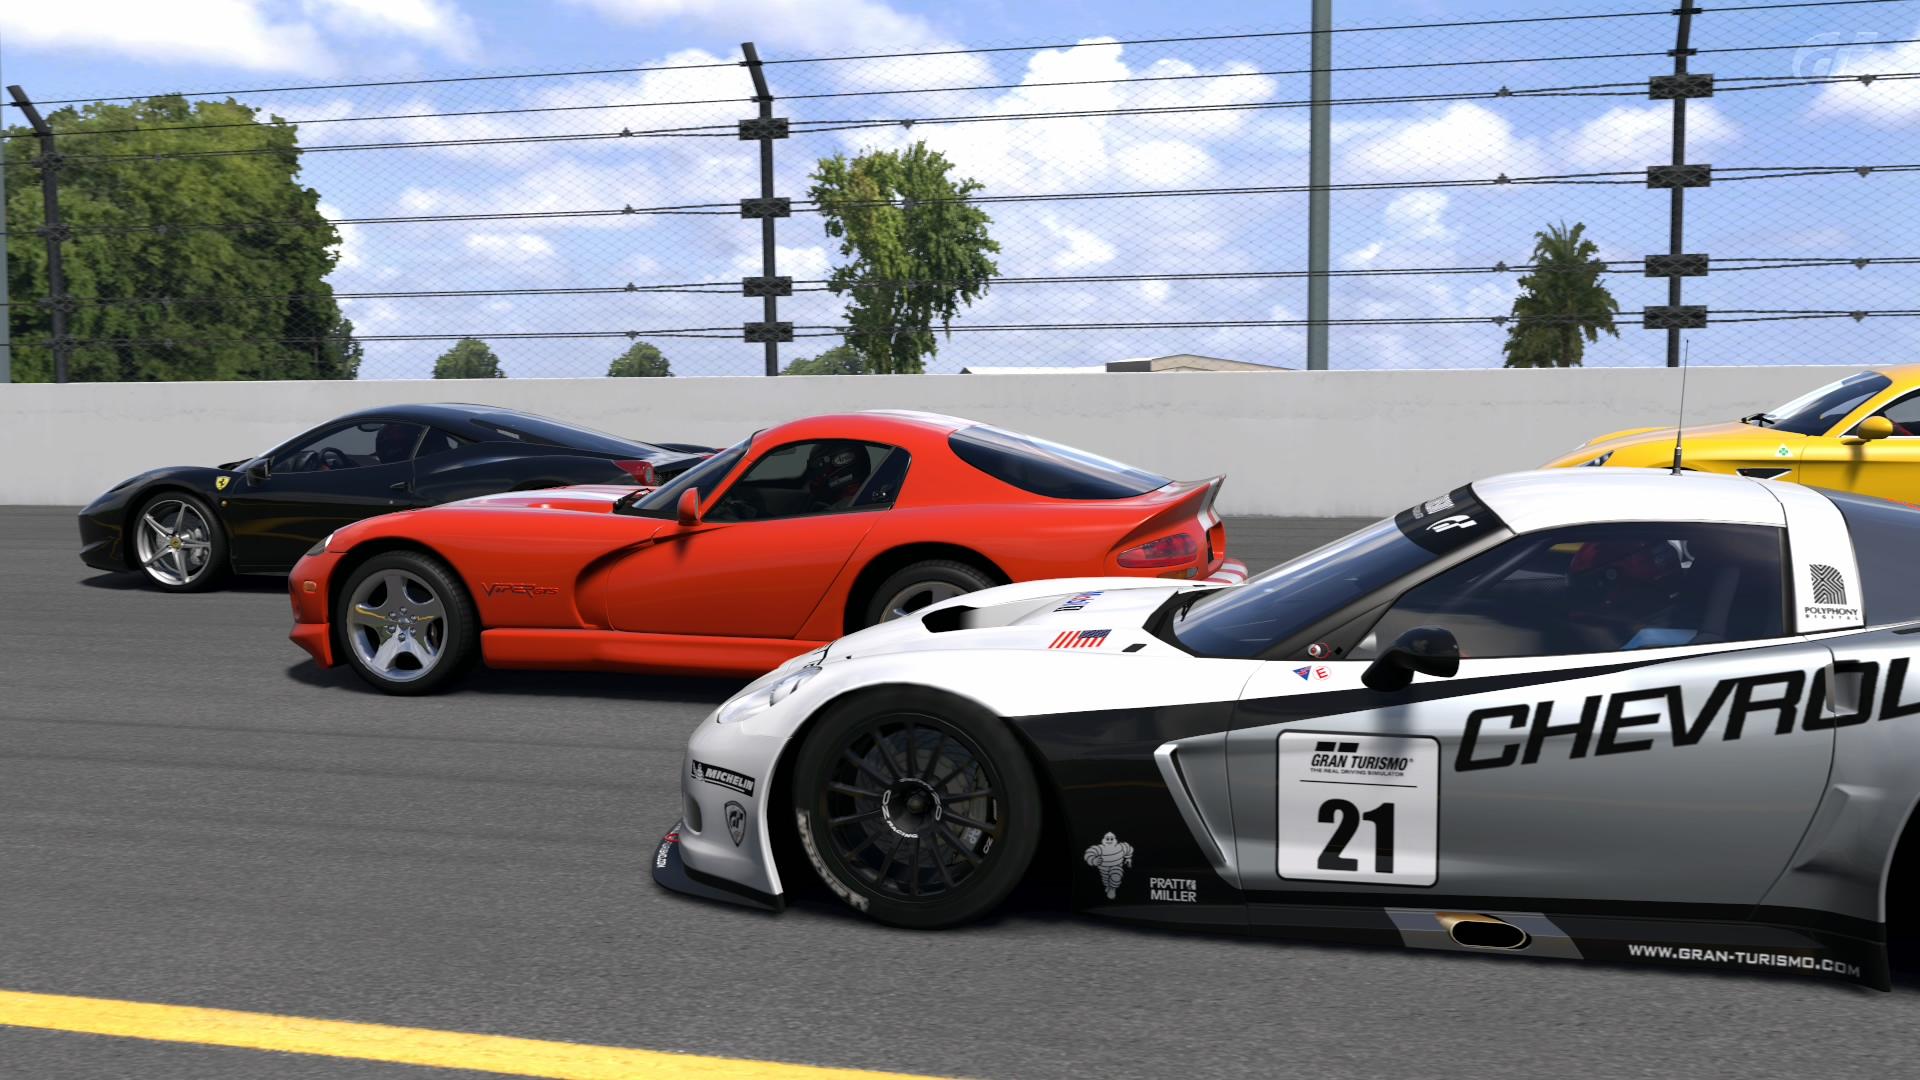 Gran Turismo 5: Gran Turismo 5 Review